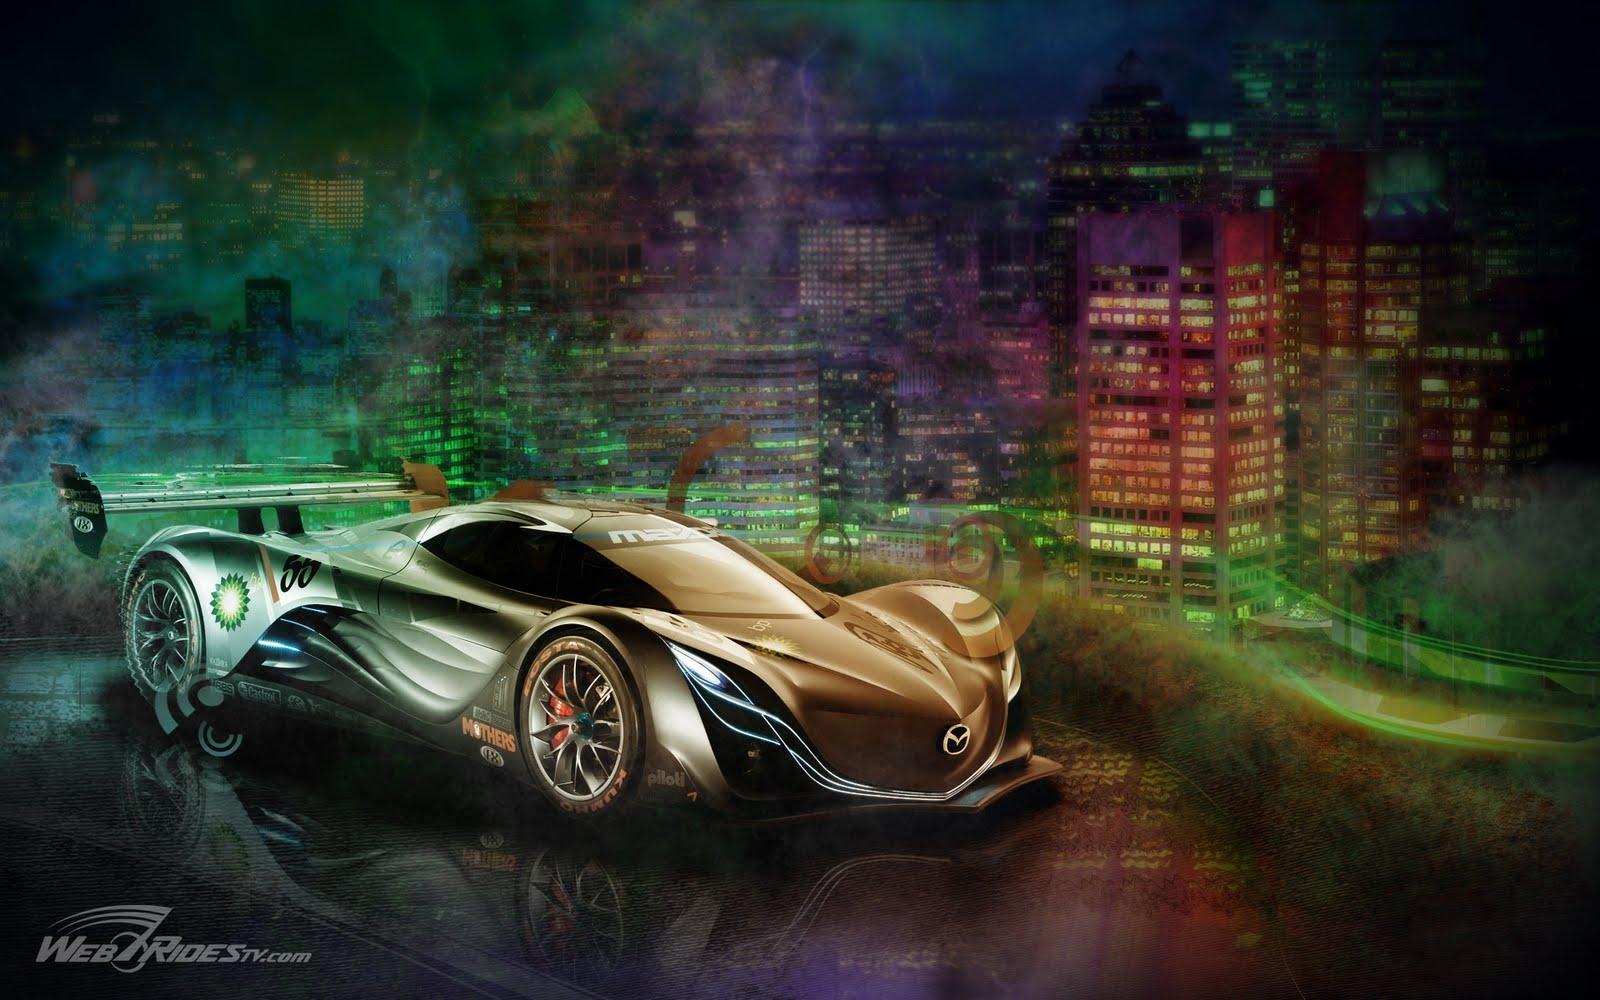 http://3.bp.blogspot.com/-wezFiSP35Rc/T4gbyUCzvYI/AAAAAAAAAeU/hPa3hbCRVwg/s1600/Mazda_Furai_concept_hd_wallpaper_2.jpg